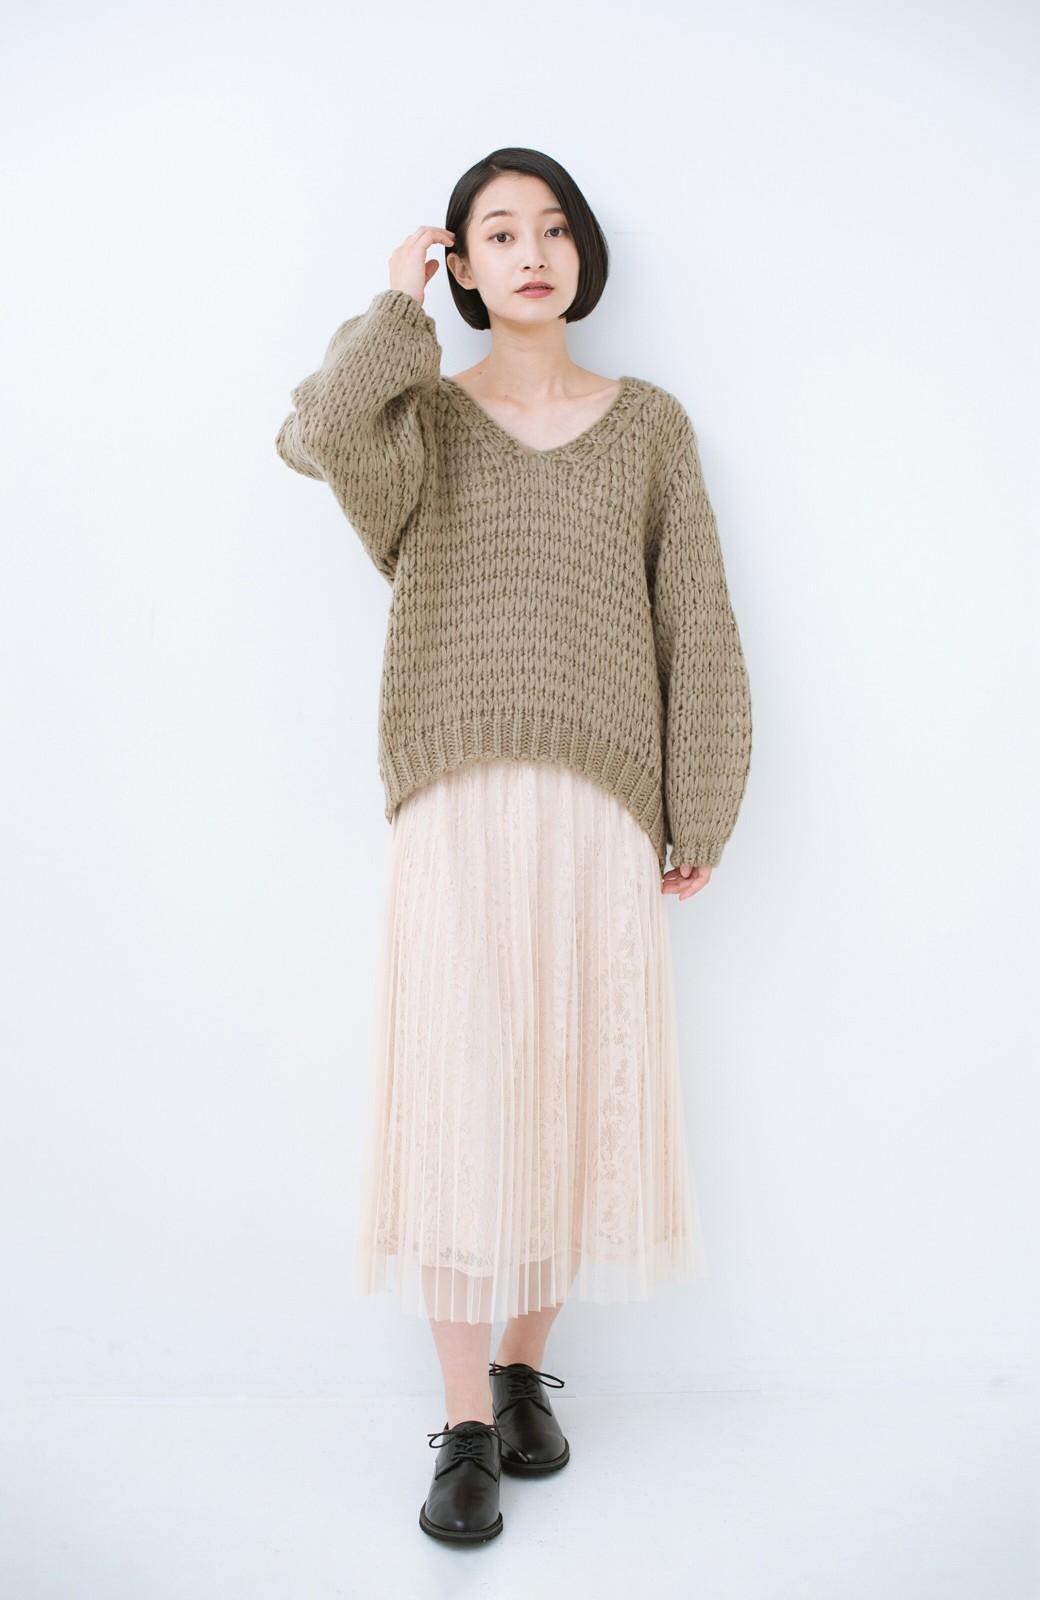 haco! 手編み風のざっくり感で女っぽい Vネックの甘編みルーズニット <グレイッシュベージュ>の商品写真8